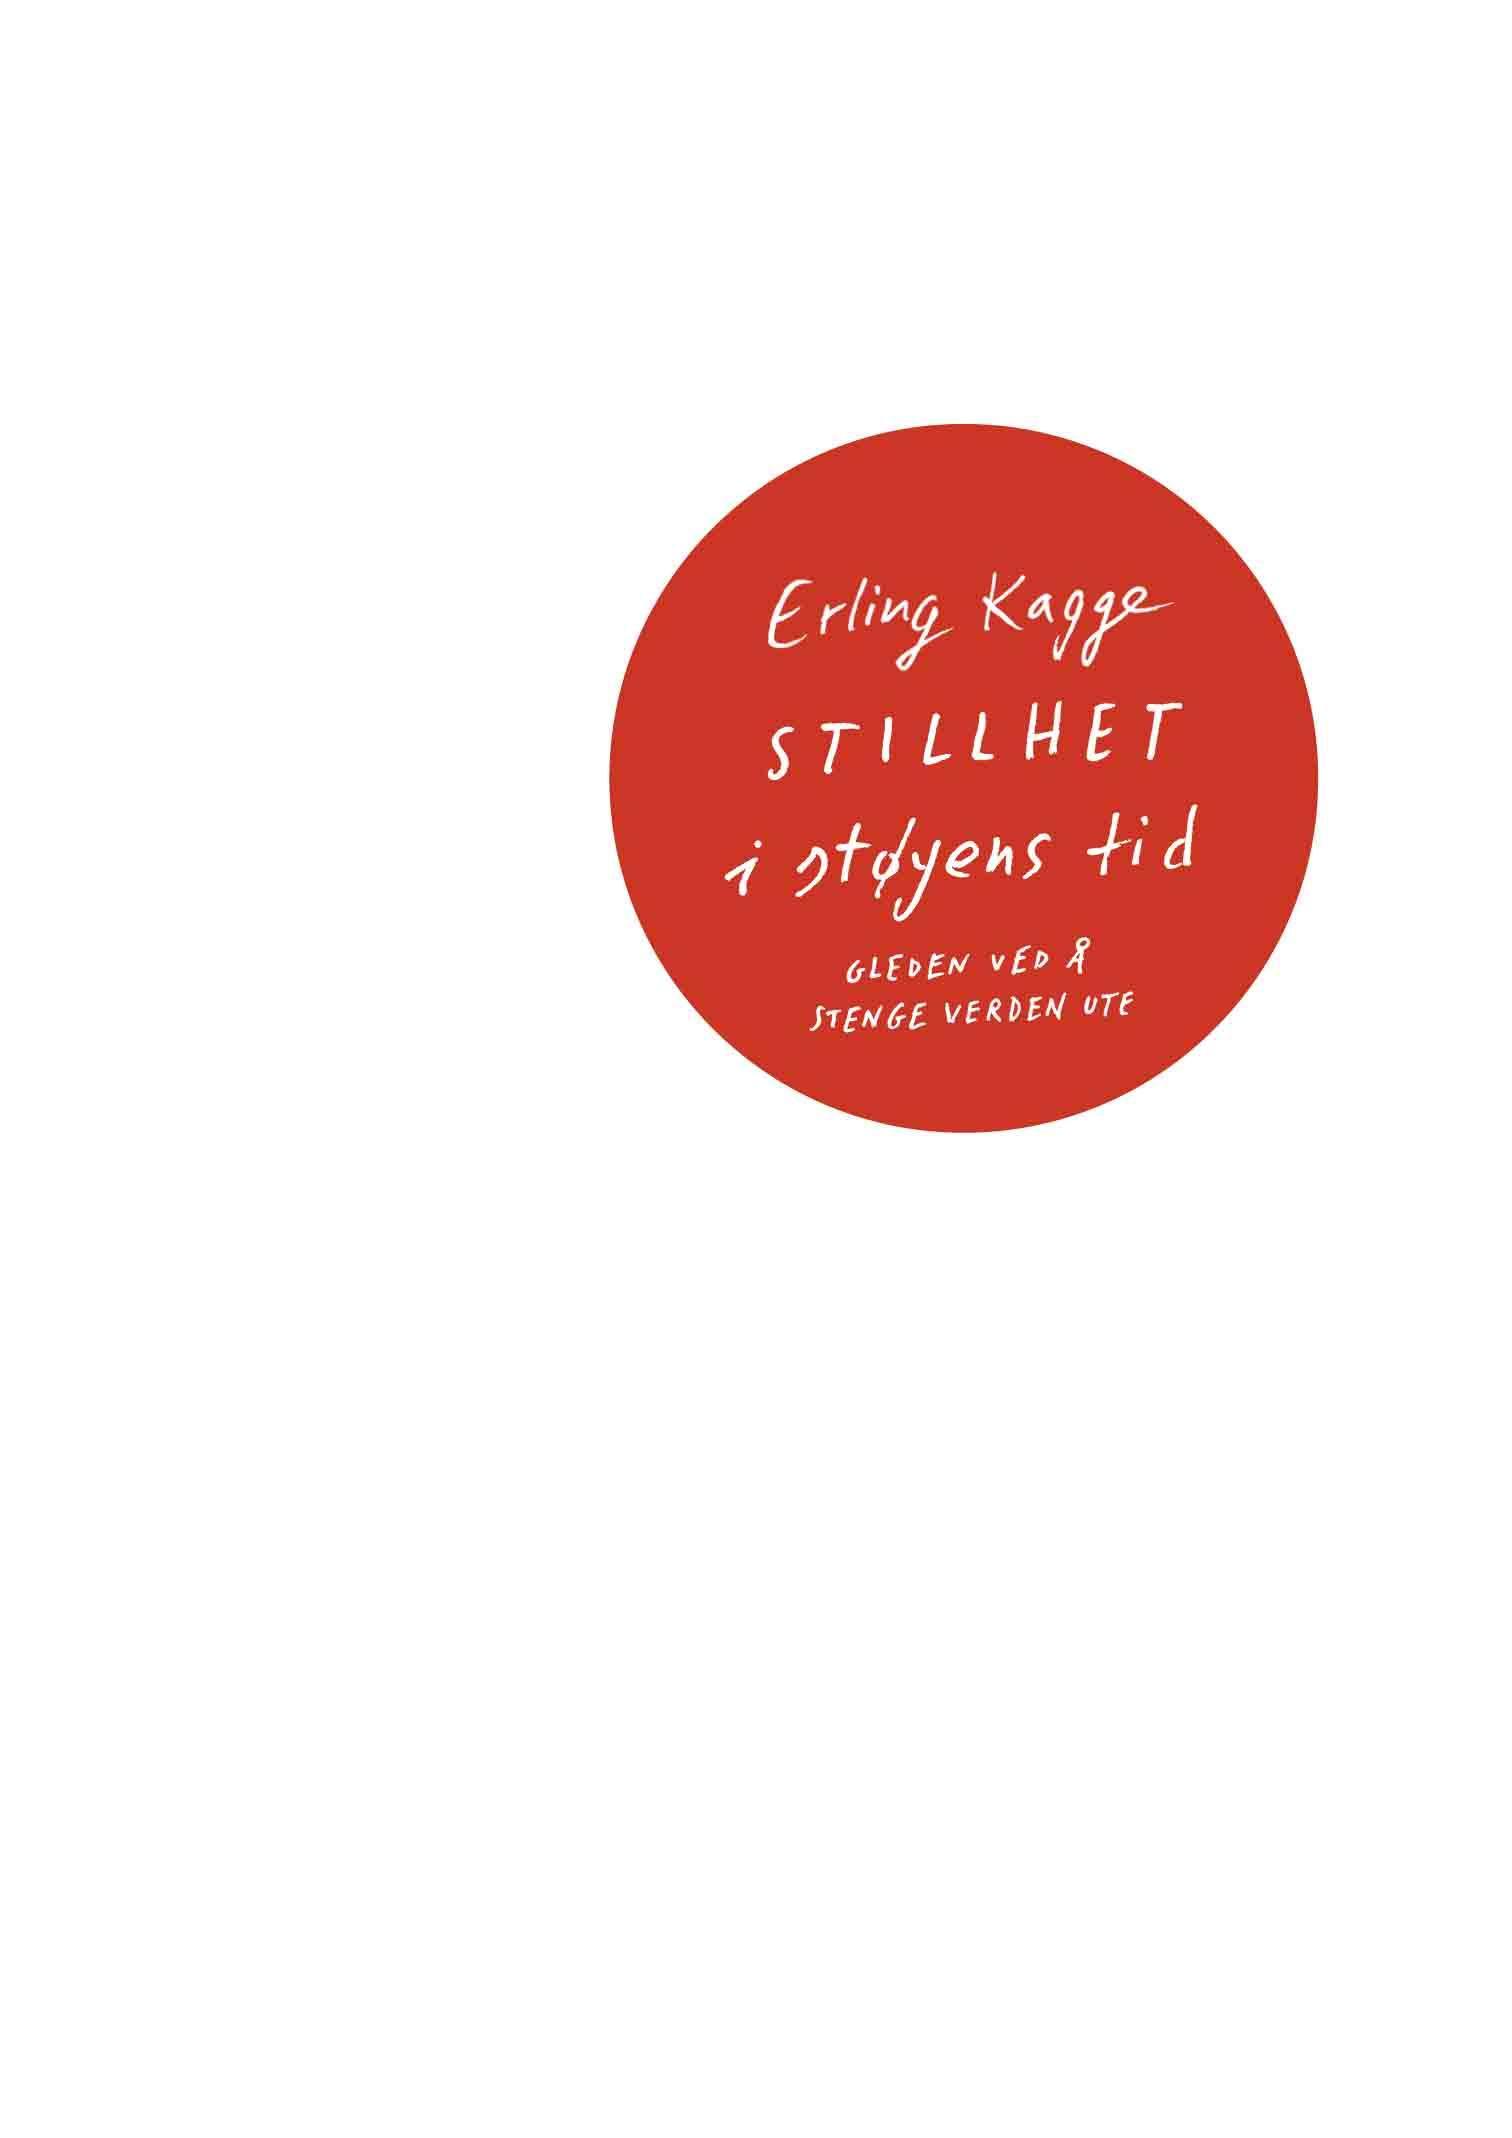 """""""Stillhet i støyens tid - gleden ved å stenge verden ute"""" av Erling Kagge"""